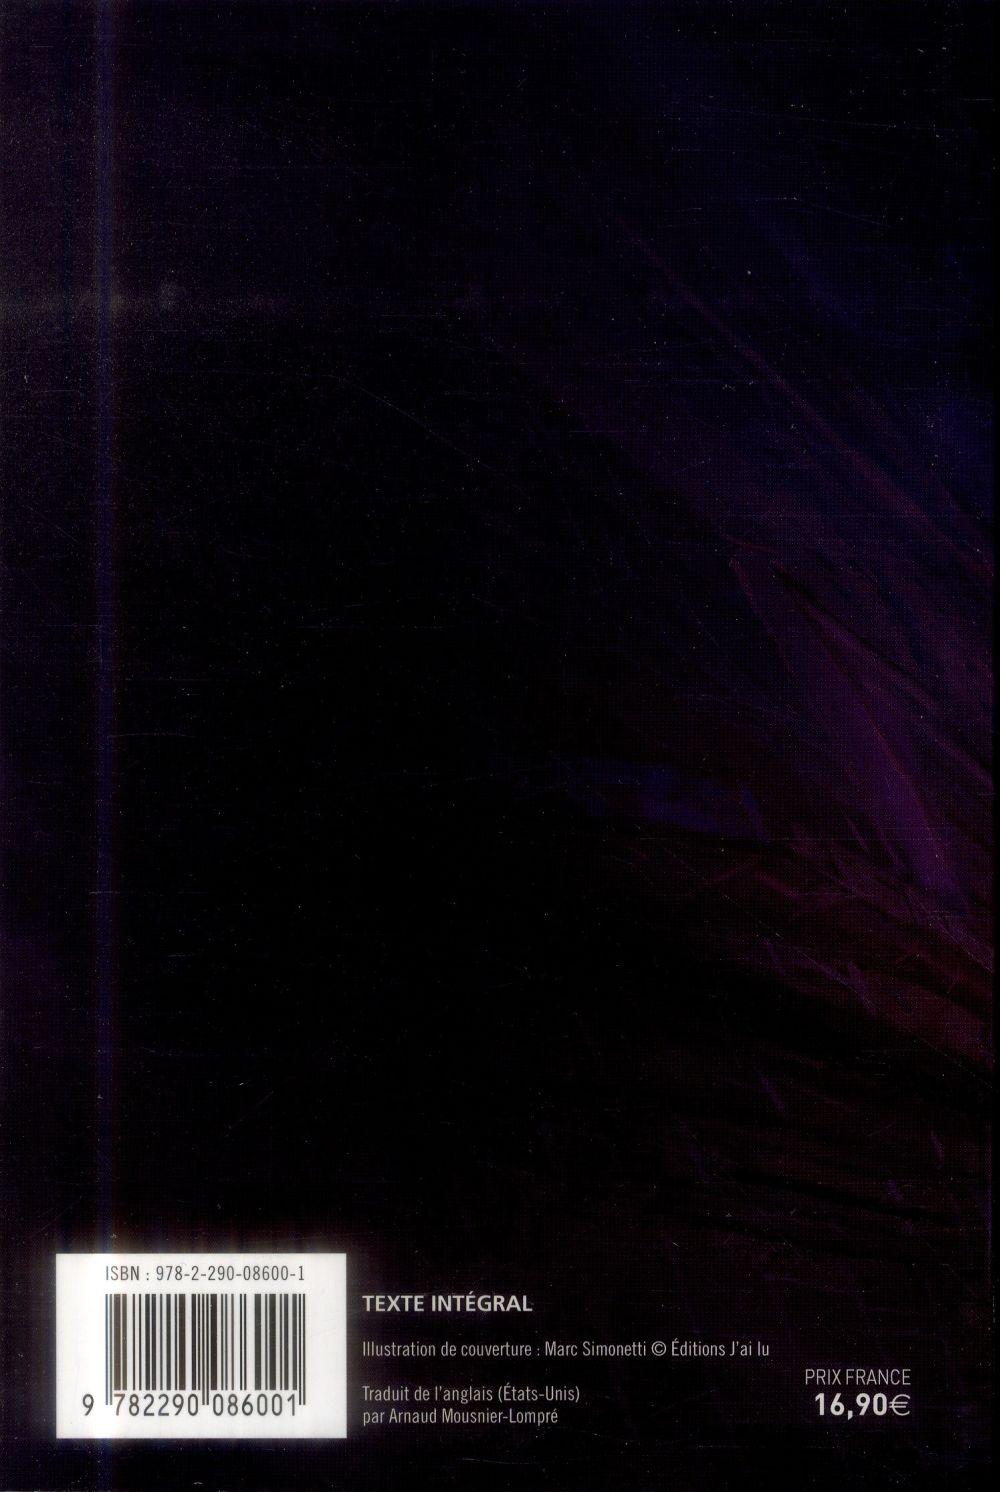 l'assassin royal ; Intégrale vol.2 ; t.4 à t.6 ; première époque